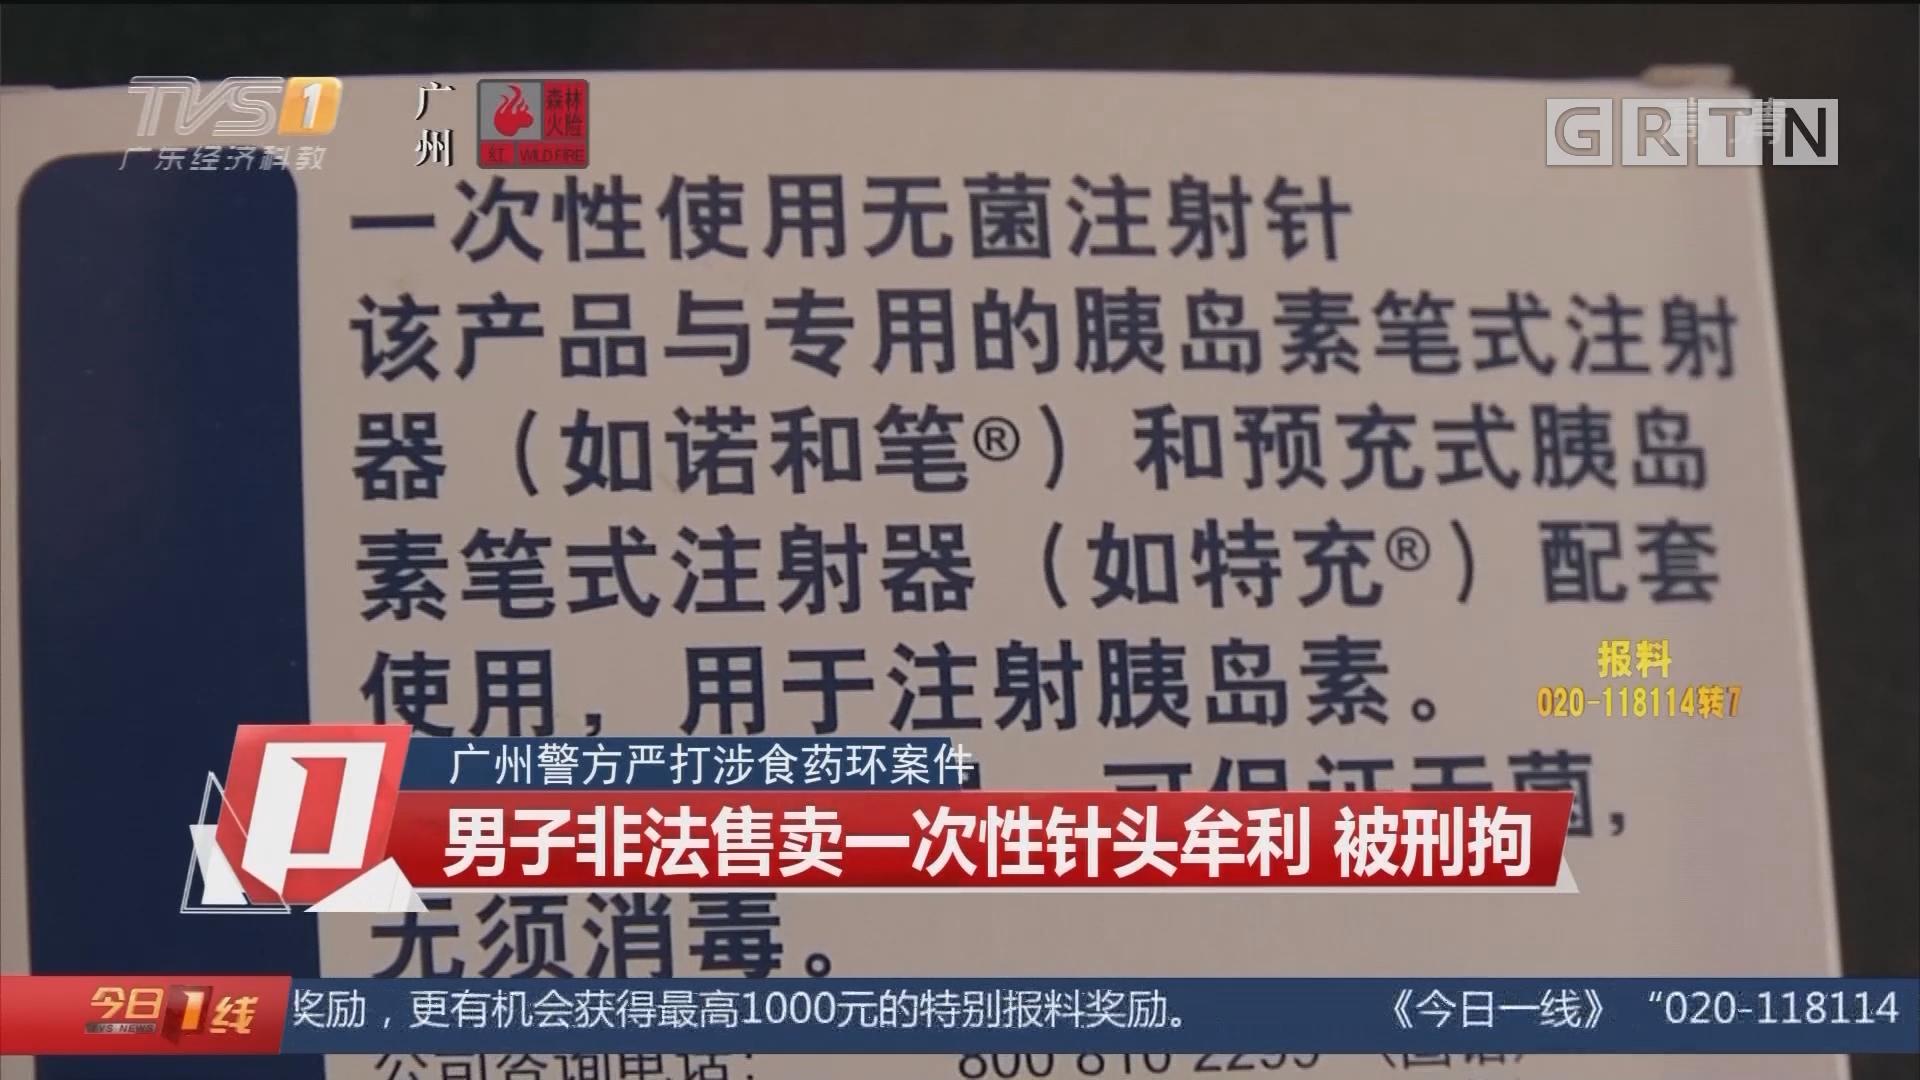 广州警方严打涉食药环案件:男子非法售卖一次性针头牟利 被刑拘